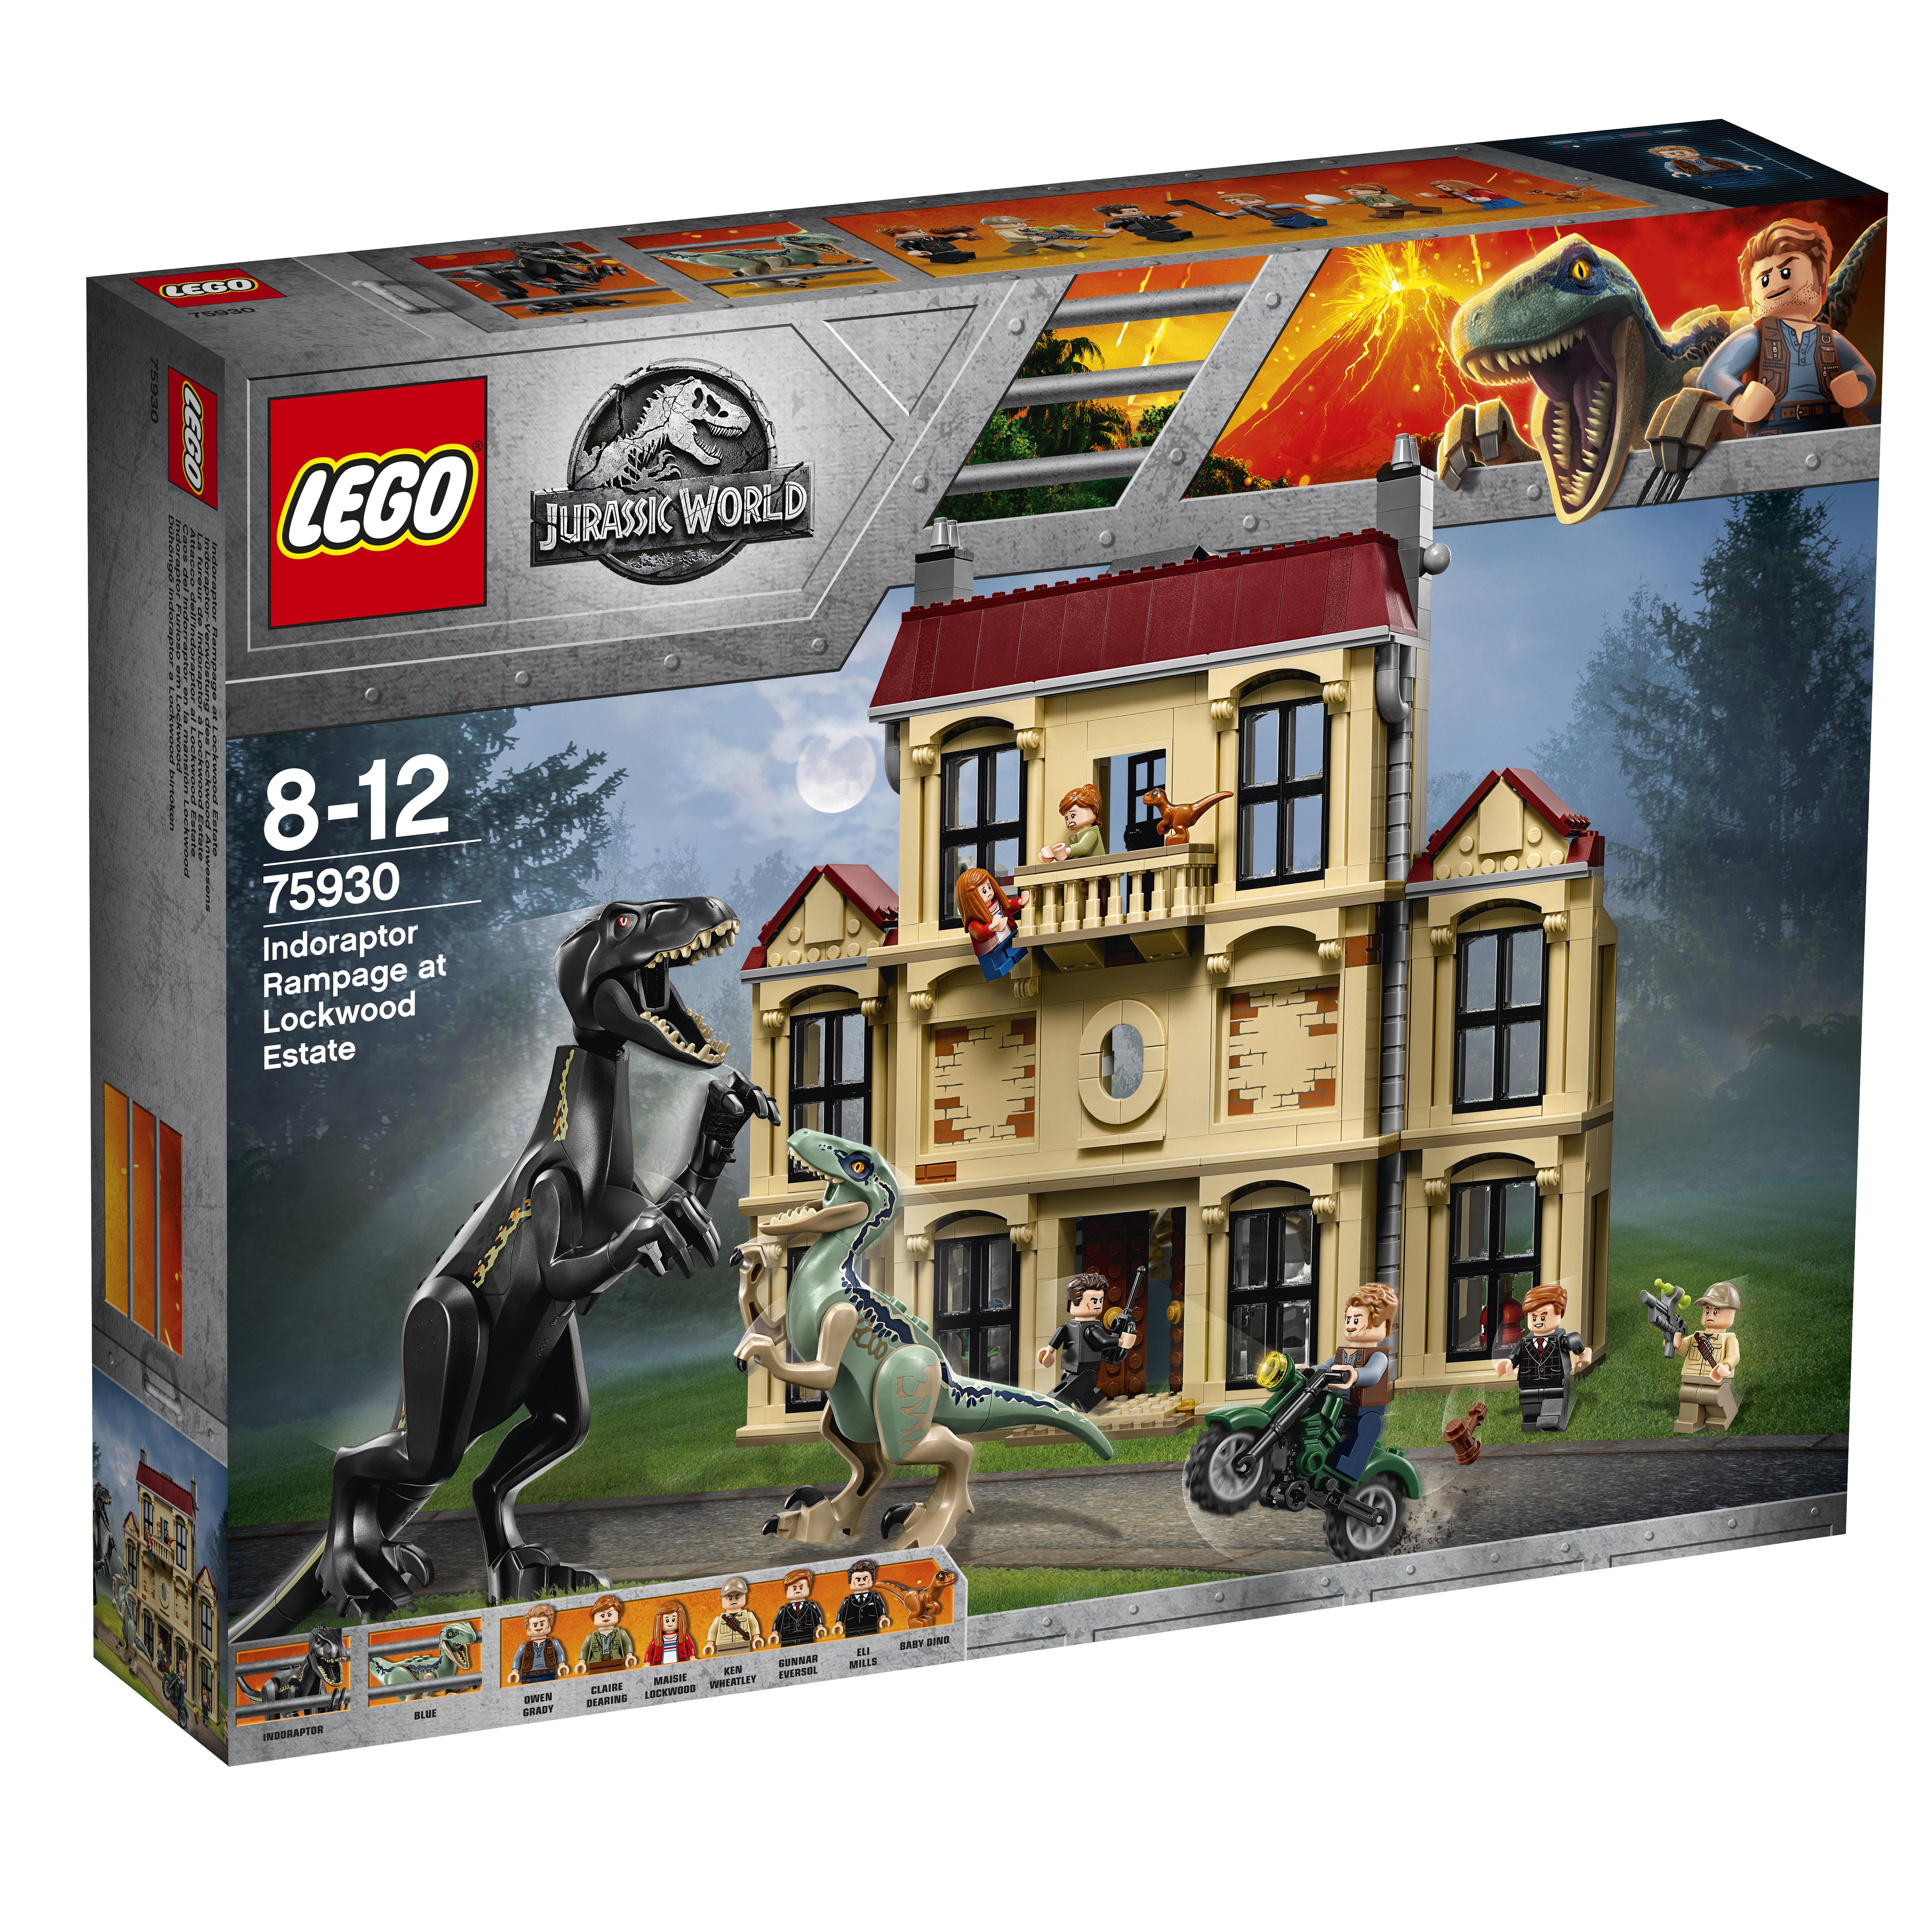 Конструктор LEGO Jurassic World 75930 Нападение индораптора в поместье Локвуд lego lego конструктор lego jurassic world 75930 нападение индораптора в поместье локвуд